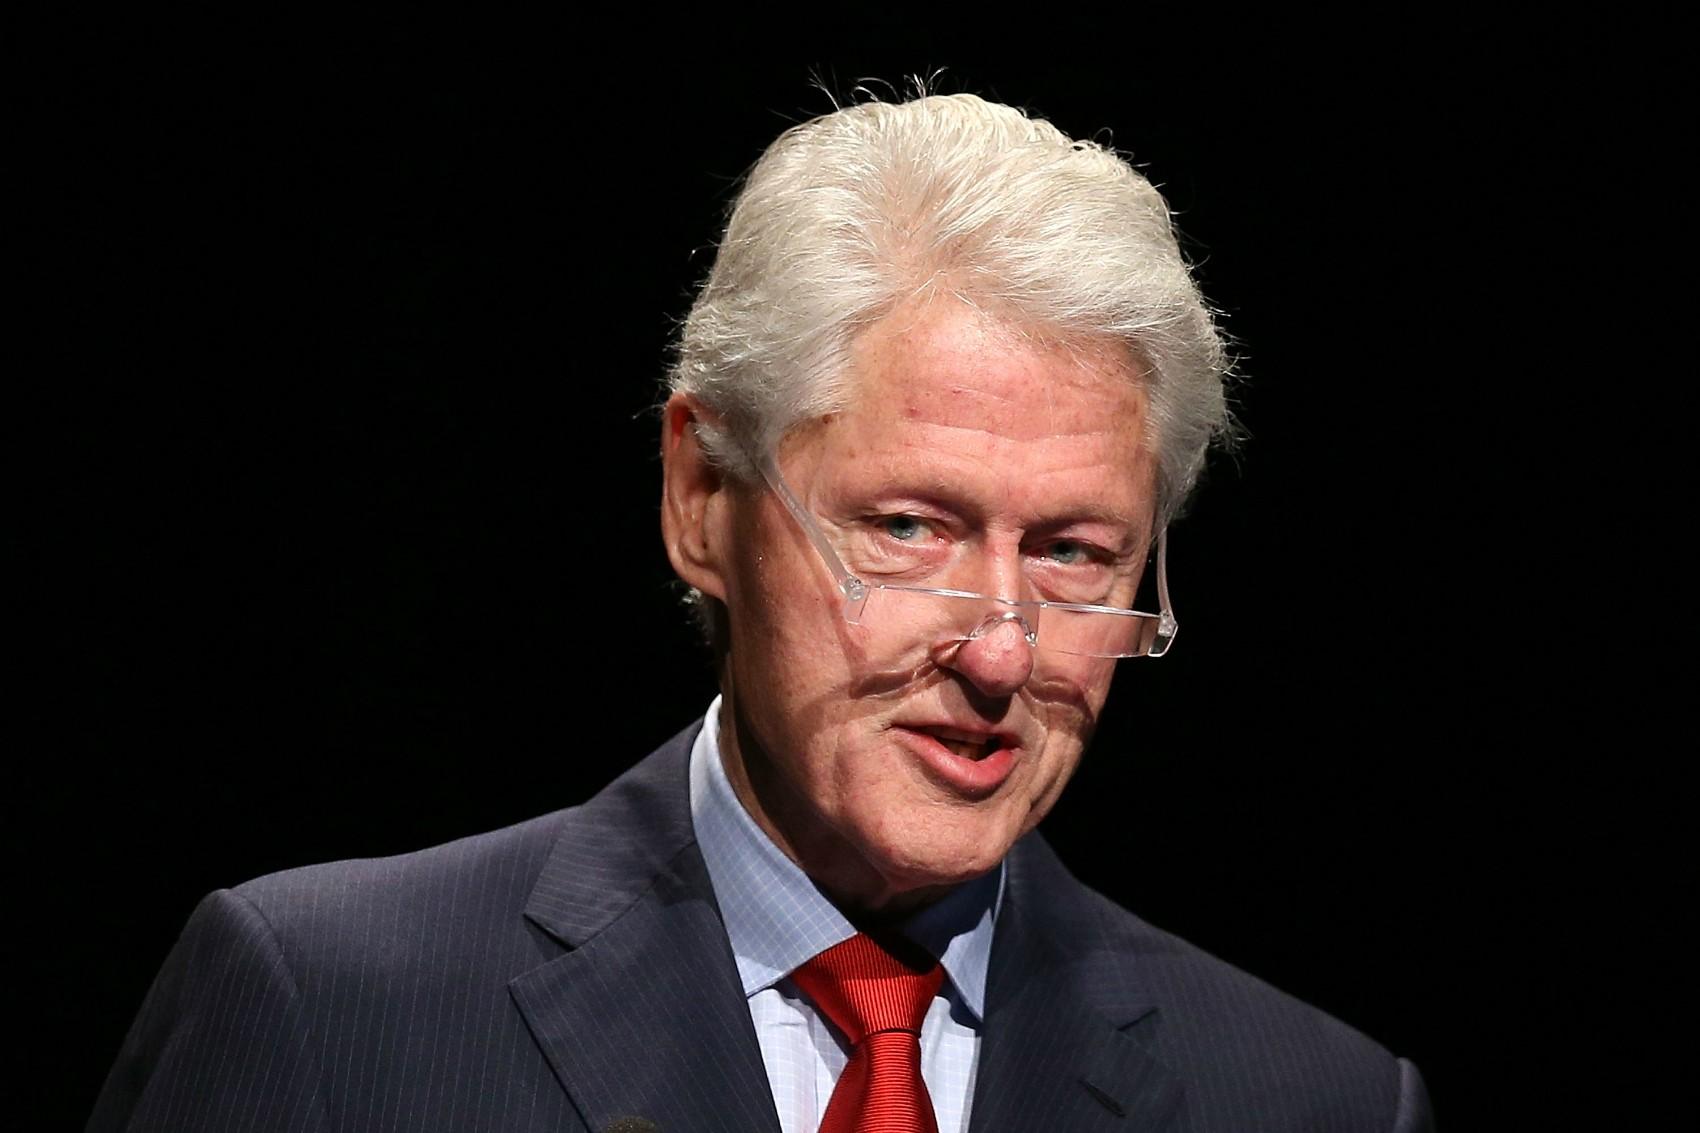 A estagiária Monica Lewinsky foi mero detalhe: Bill Clinton é acusado de trair a esposa, a provável futura candidata à presidência dos EUA Hillary Clinton, muito mais vezes. (Foto: Getty Images)